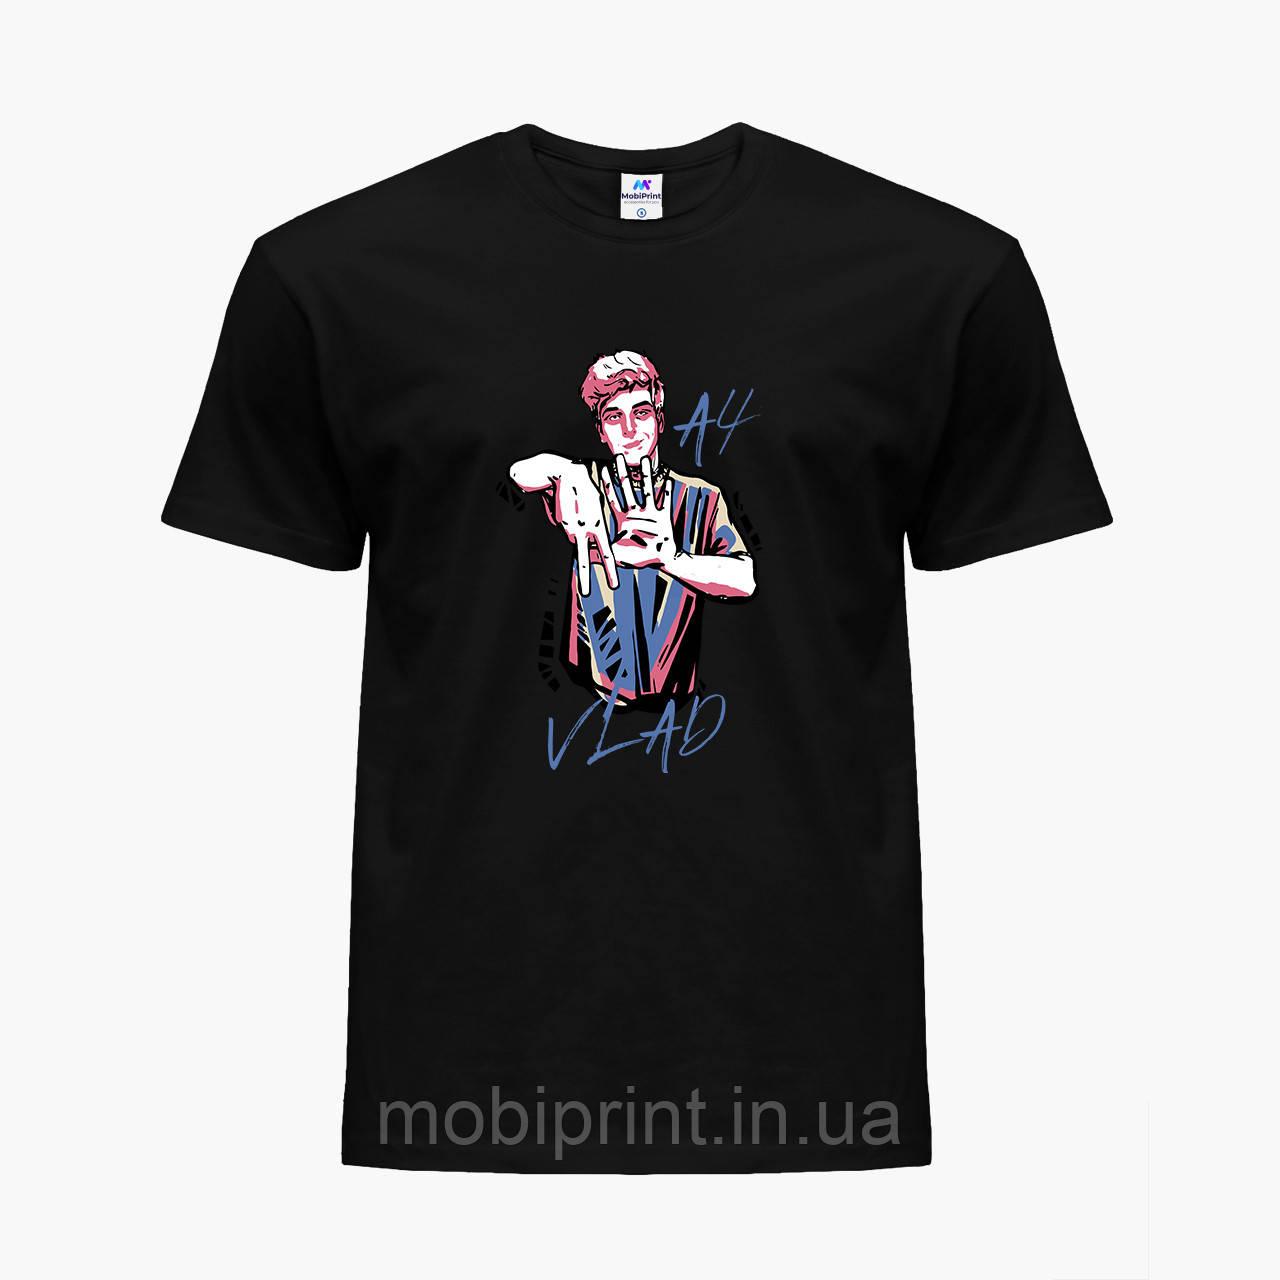 Дитяча футболка для хлопчиків блогер Влад Папір А4 (blogger Vlad A4) (25186-2621) Чорний